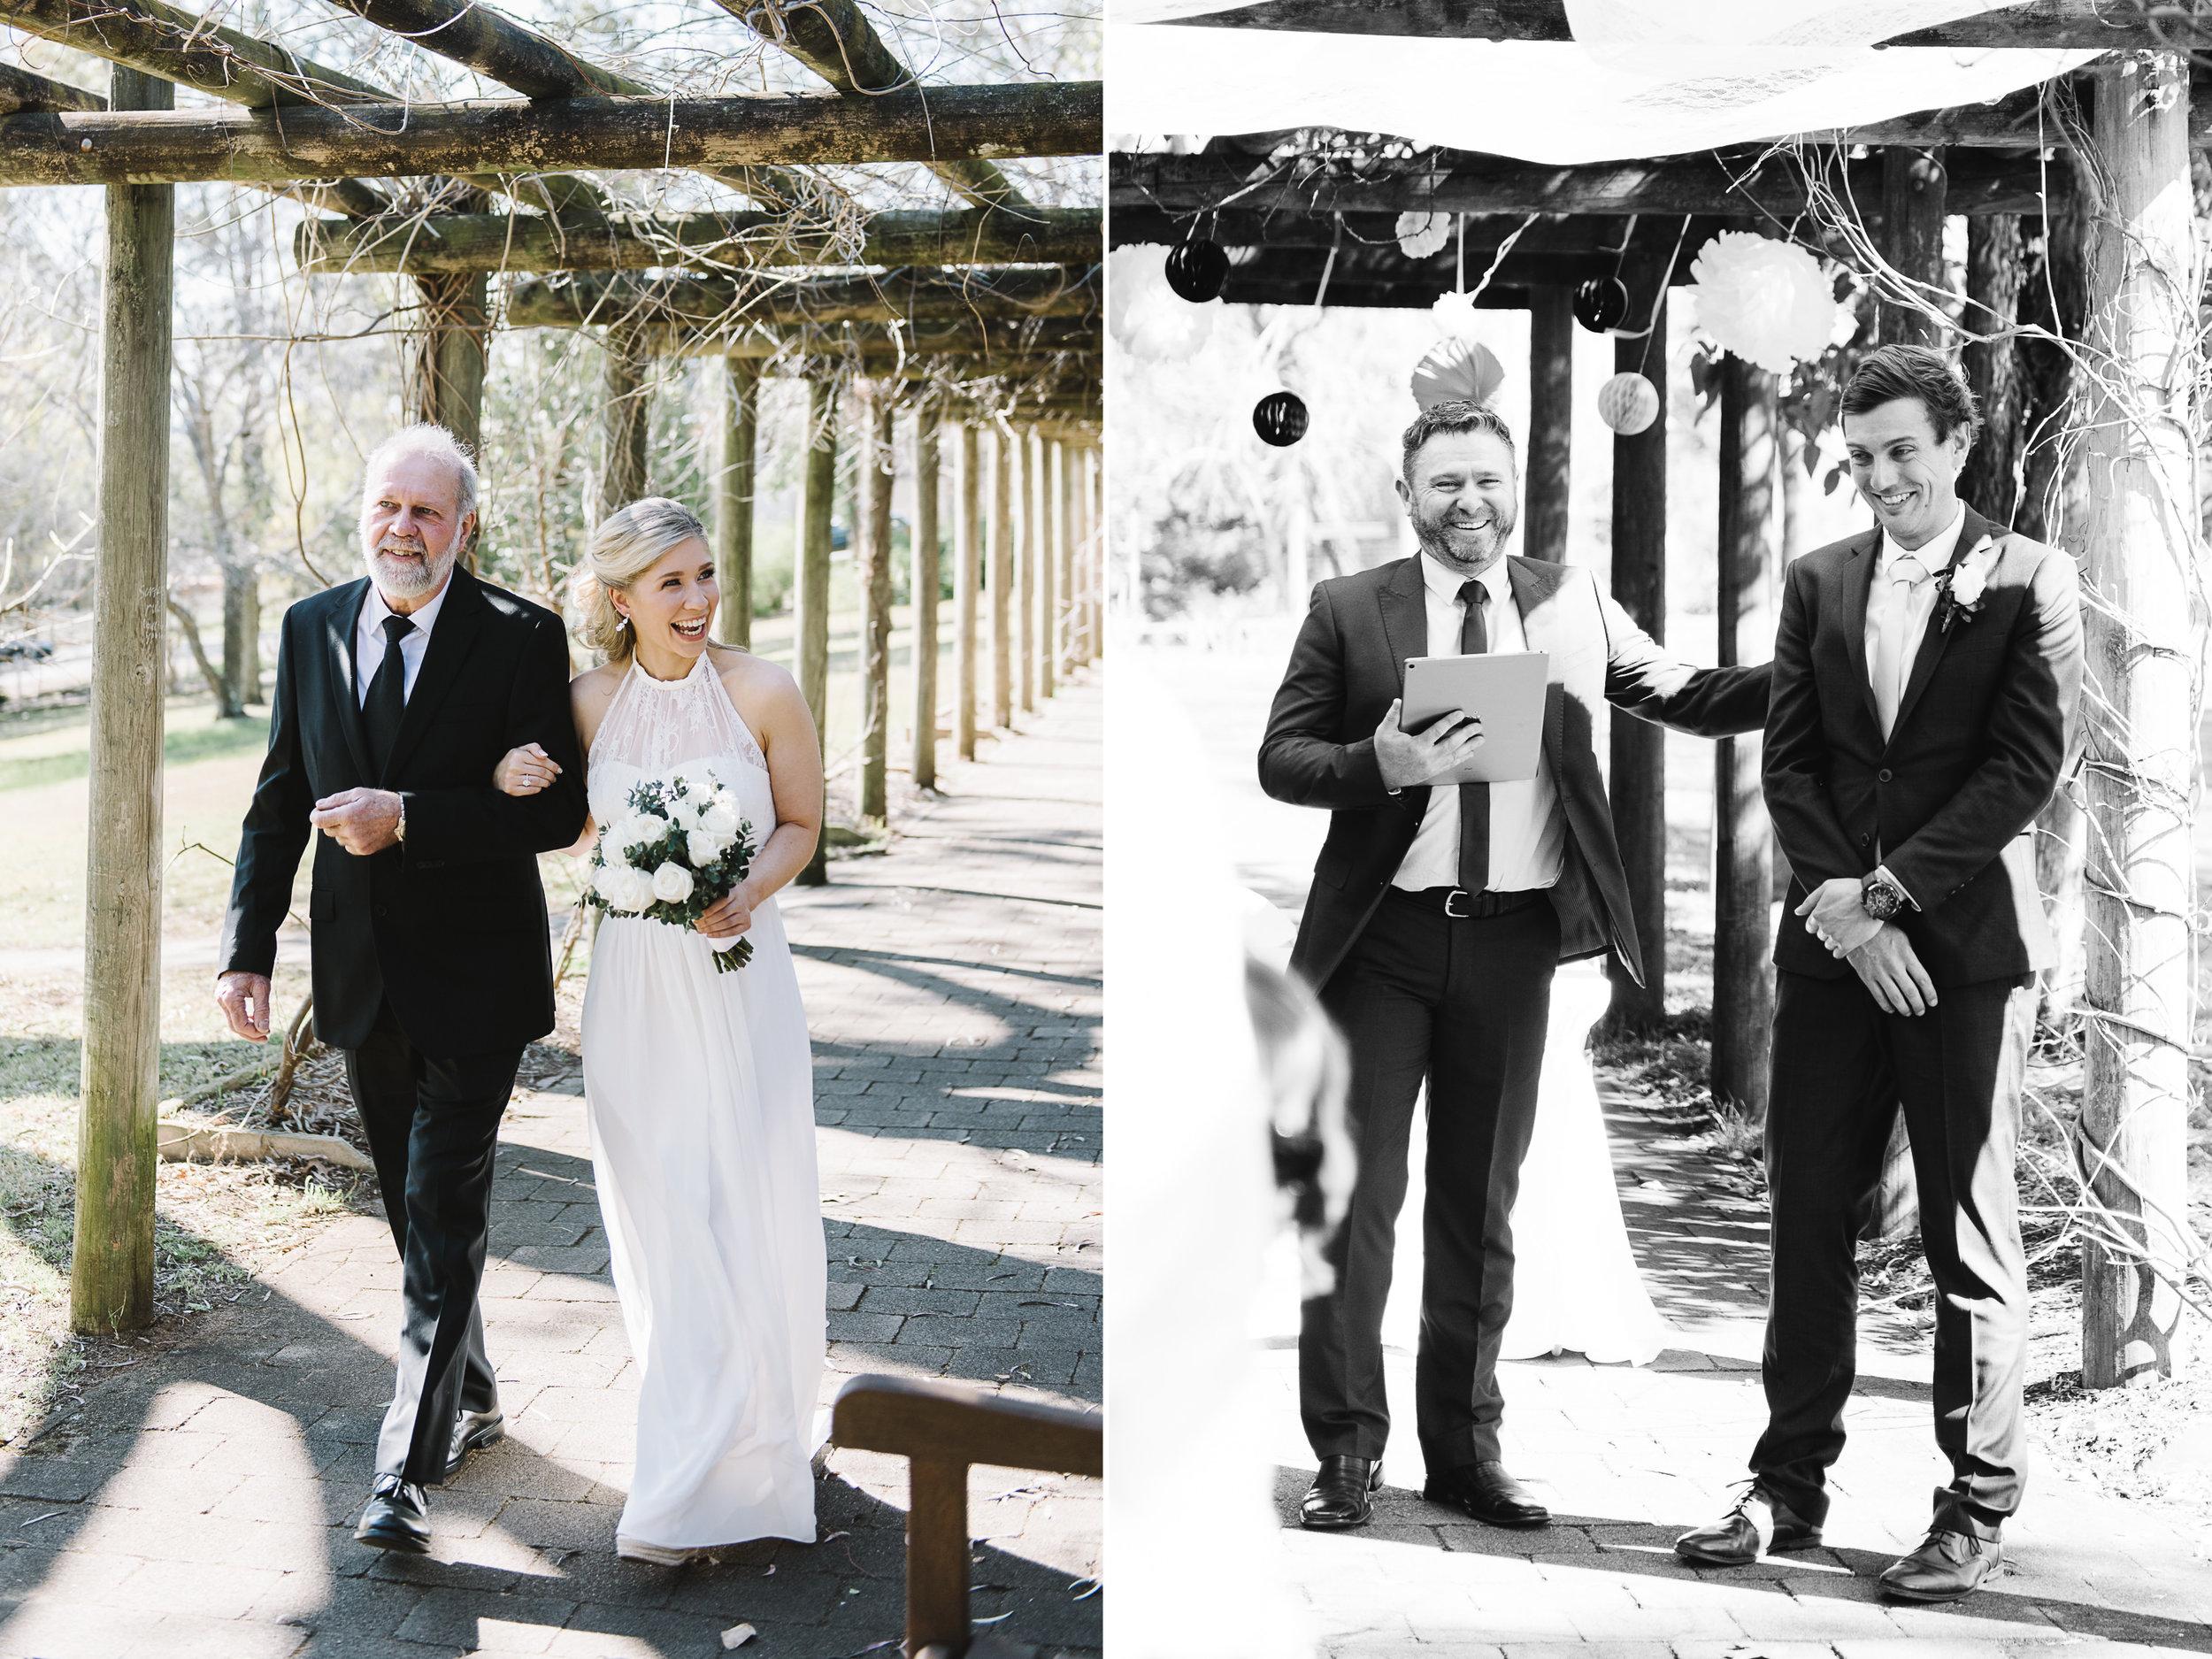 sydney-wedding-photography-ceremony-2.jpg